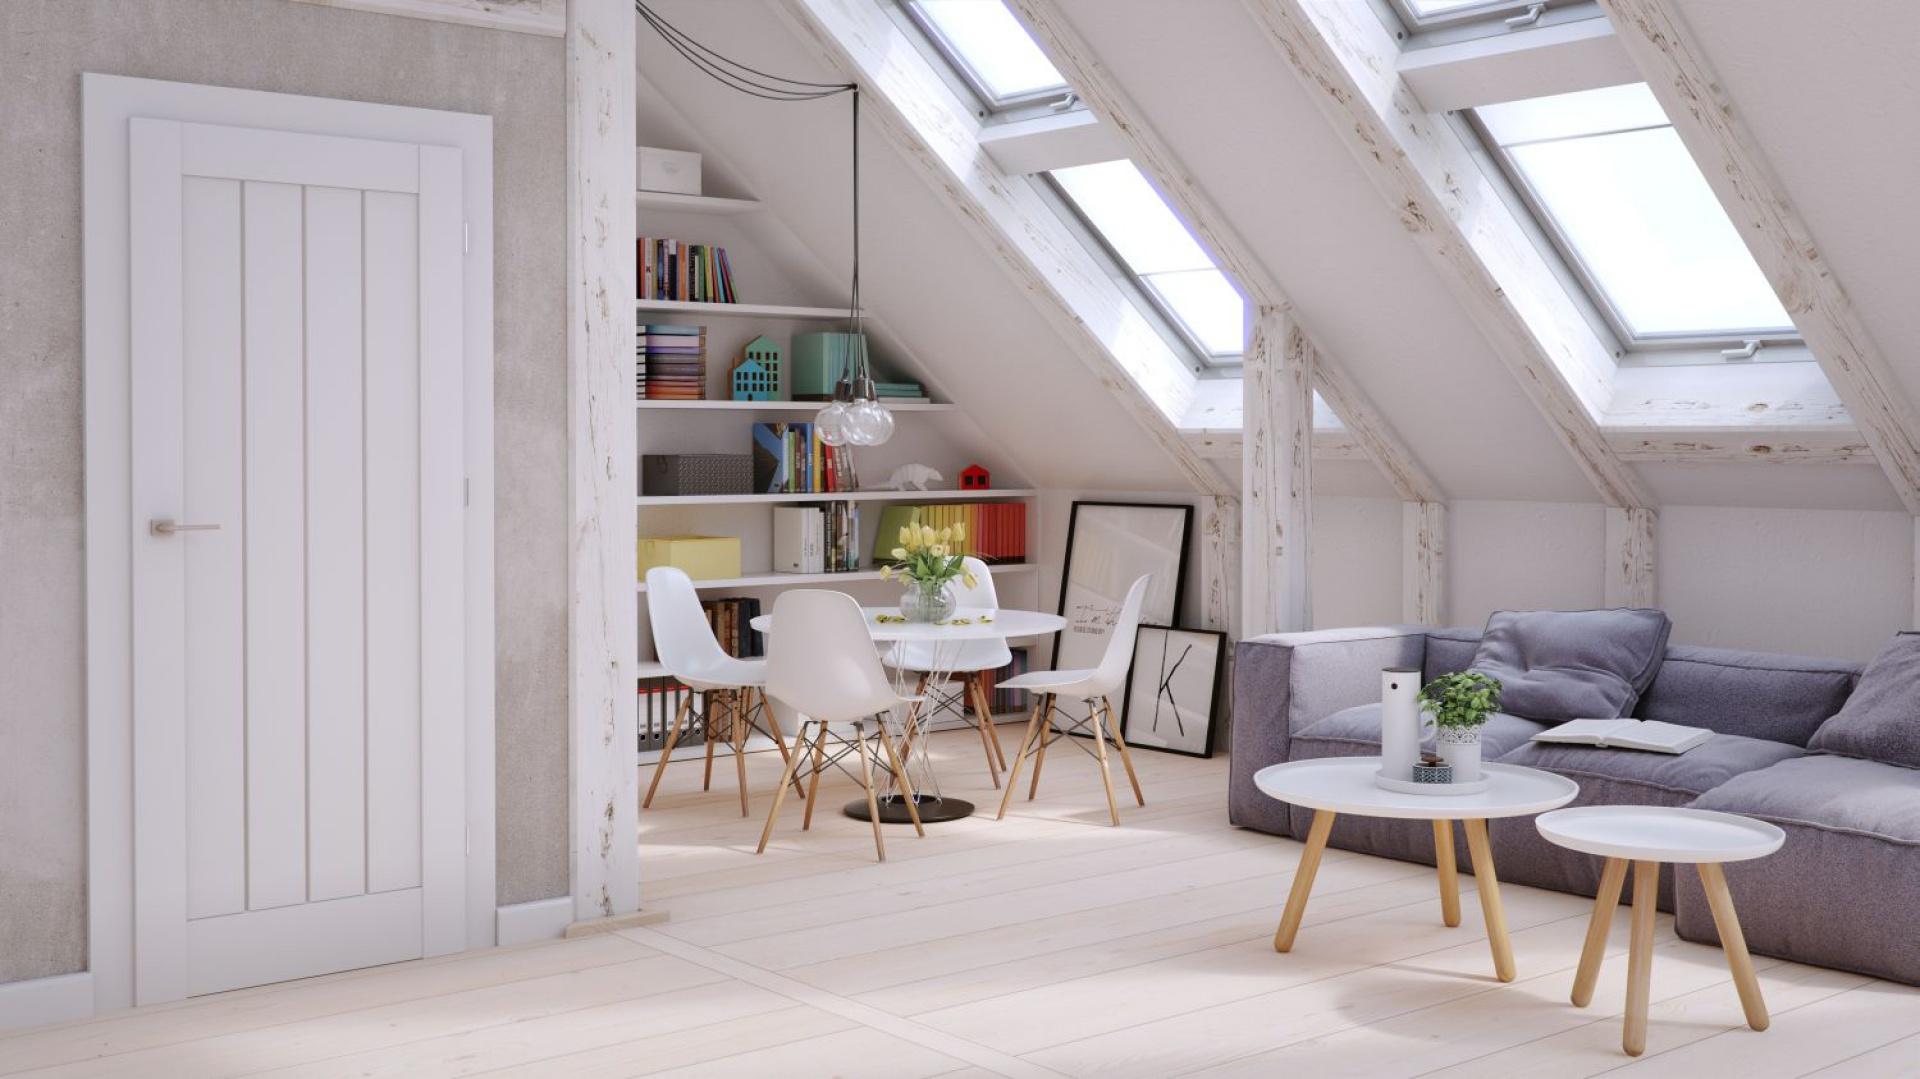 Podstawą oraz tłem dla kolekcji Uppsala są jasne, minimalistyczne wnętrza. Wnętrza, w których czuć inspirację skandynawskim stylem, a intrygujące rozwiązania podkreślają tylko jego charakter. Dzięki zastosowaniu ciekawych łączeń z szybą lub płyciną oraz z uwagi na dobór kolorystyki oklein drzwi stanowią piękne dopełnienie przestrzeni. Fot. Vox.